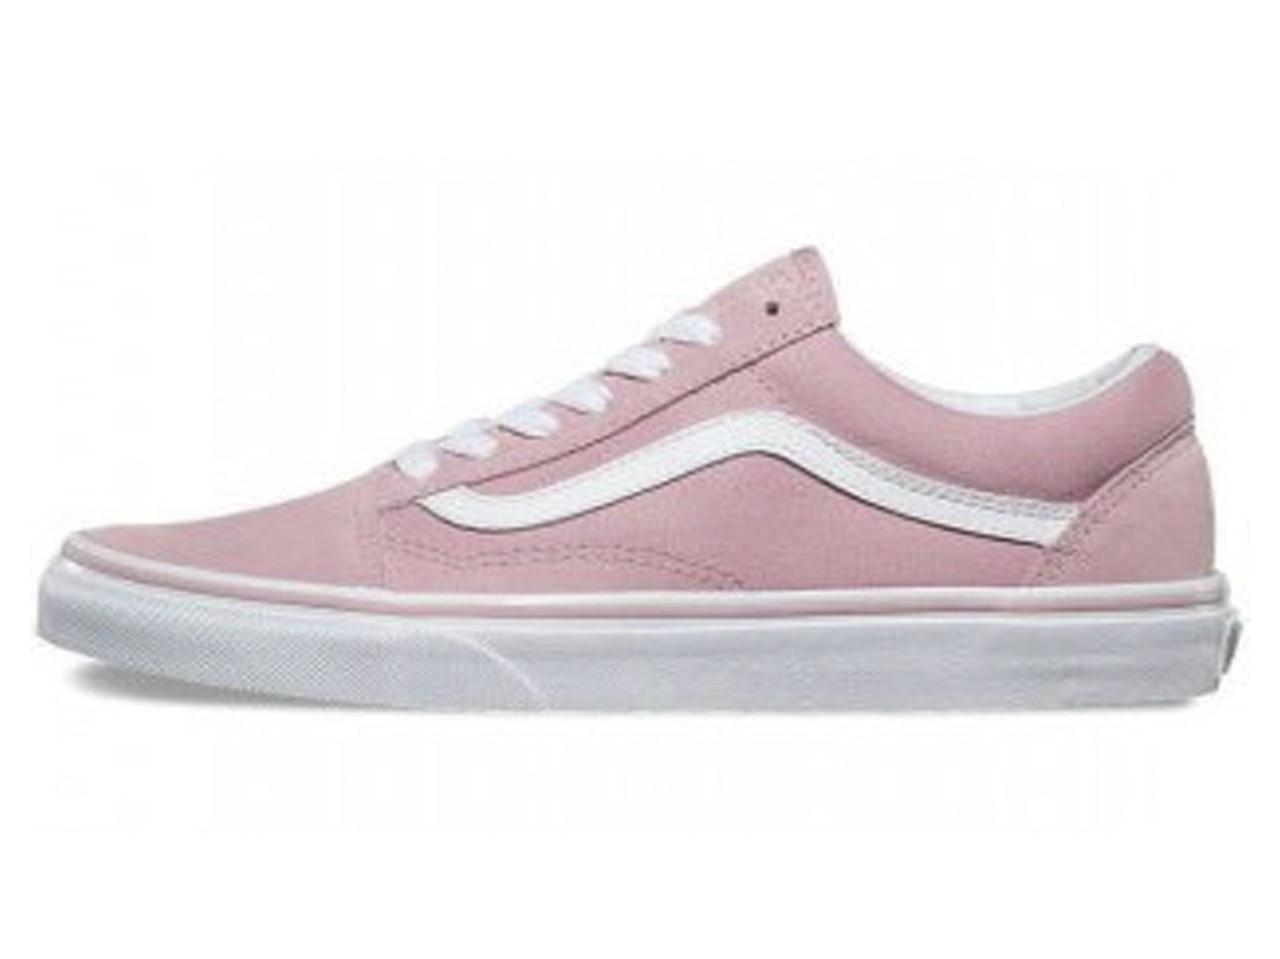 Женские Кеды Vans Old Skool Pink (Реплика ААА+) — в Категории ... 8d87c52eabf